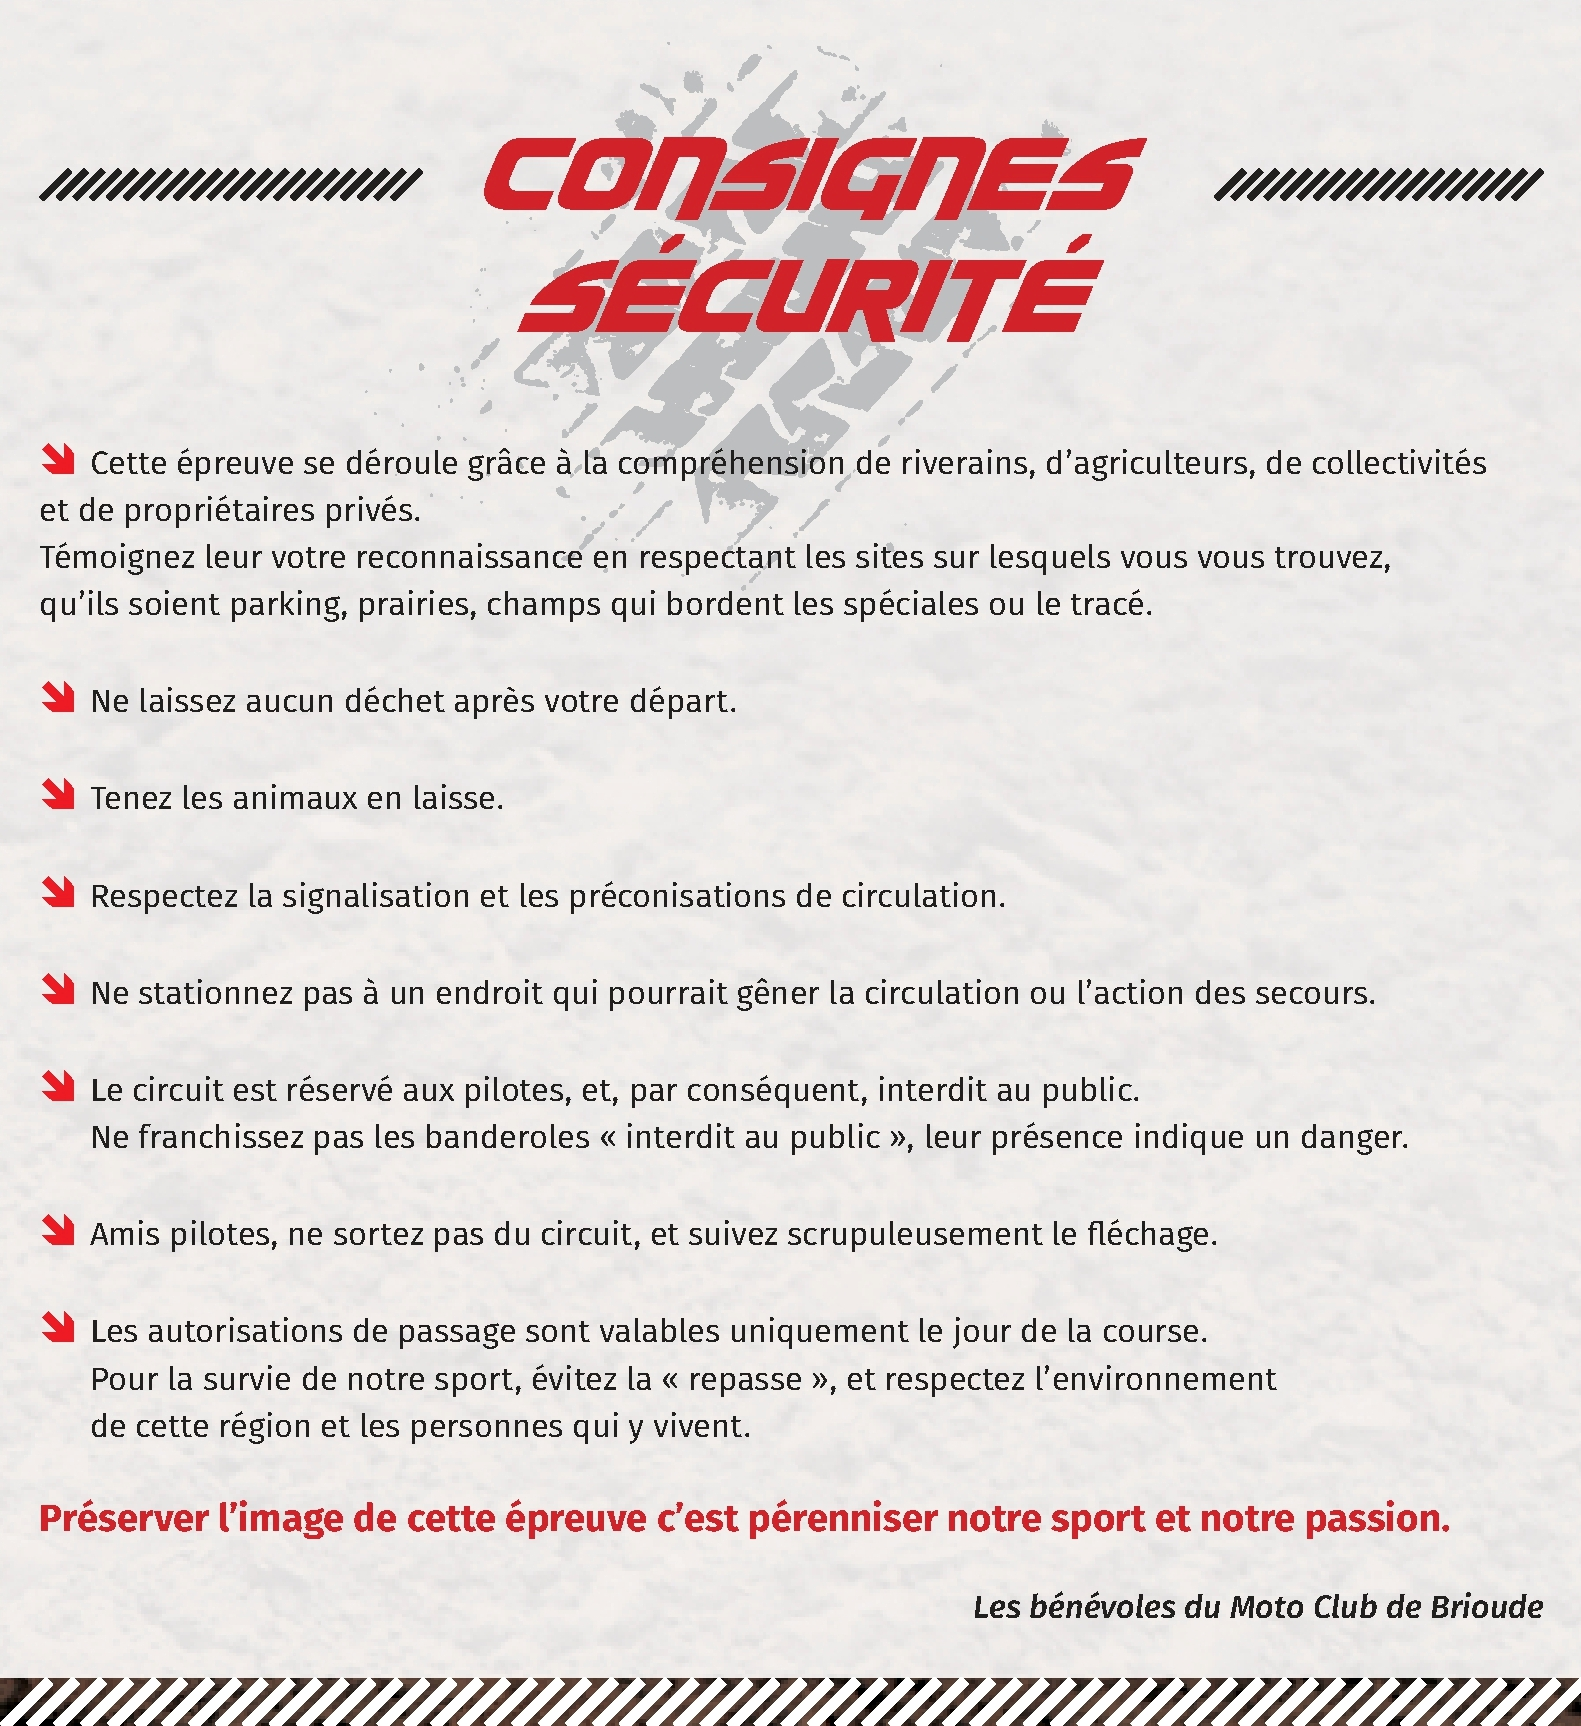 Consignes sécurité